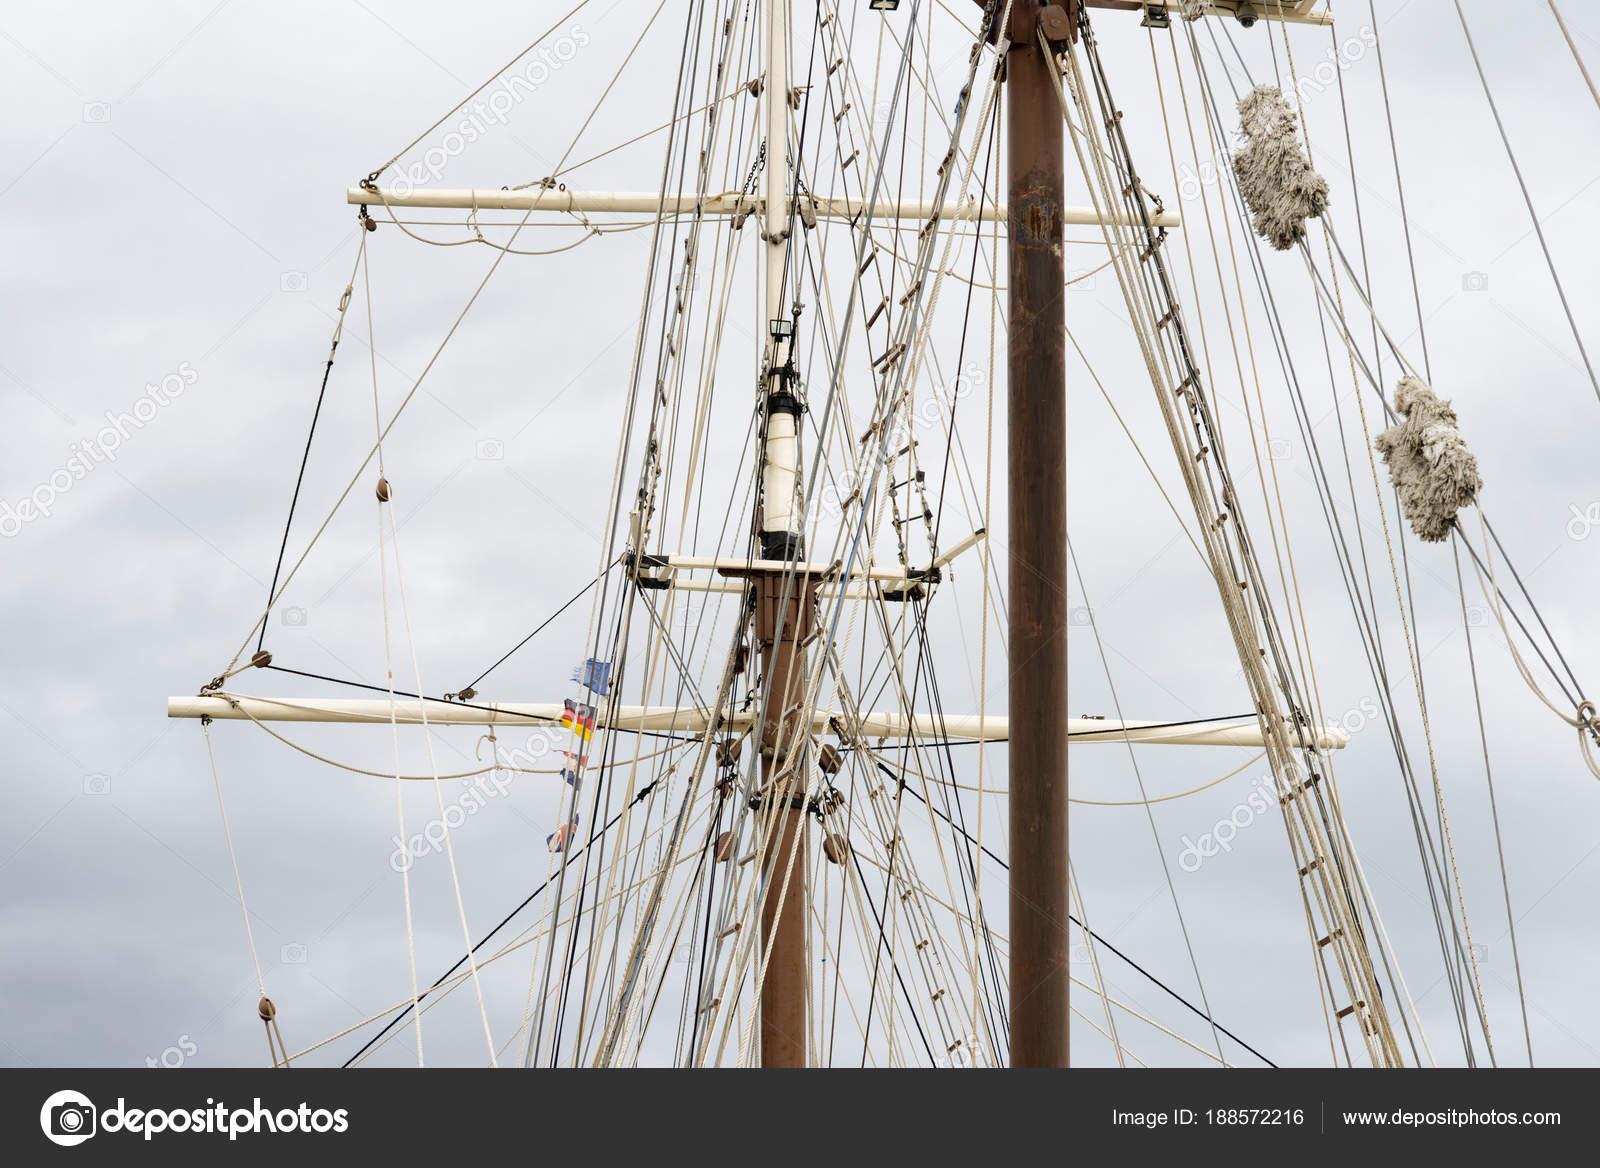 деревянная оснастка для кораблей